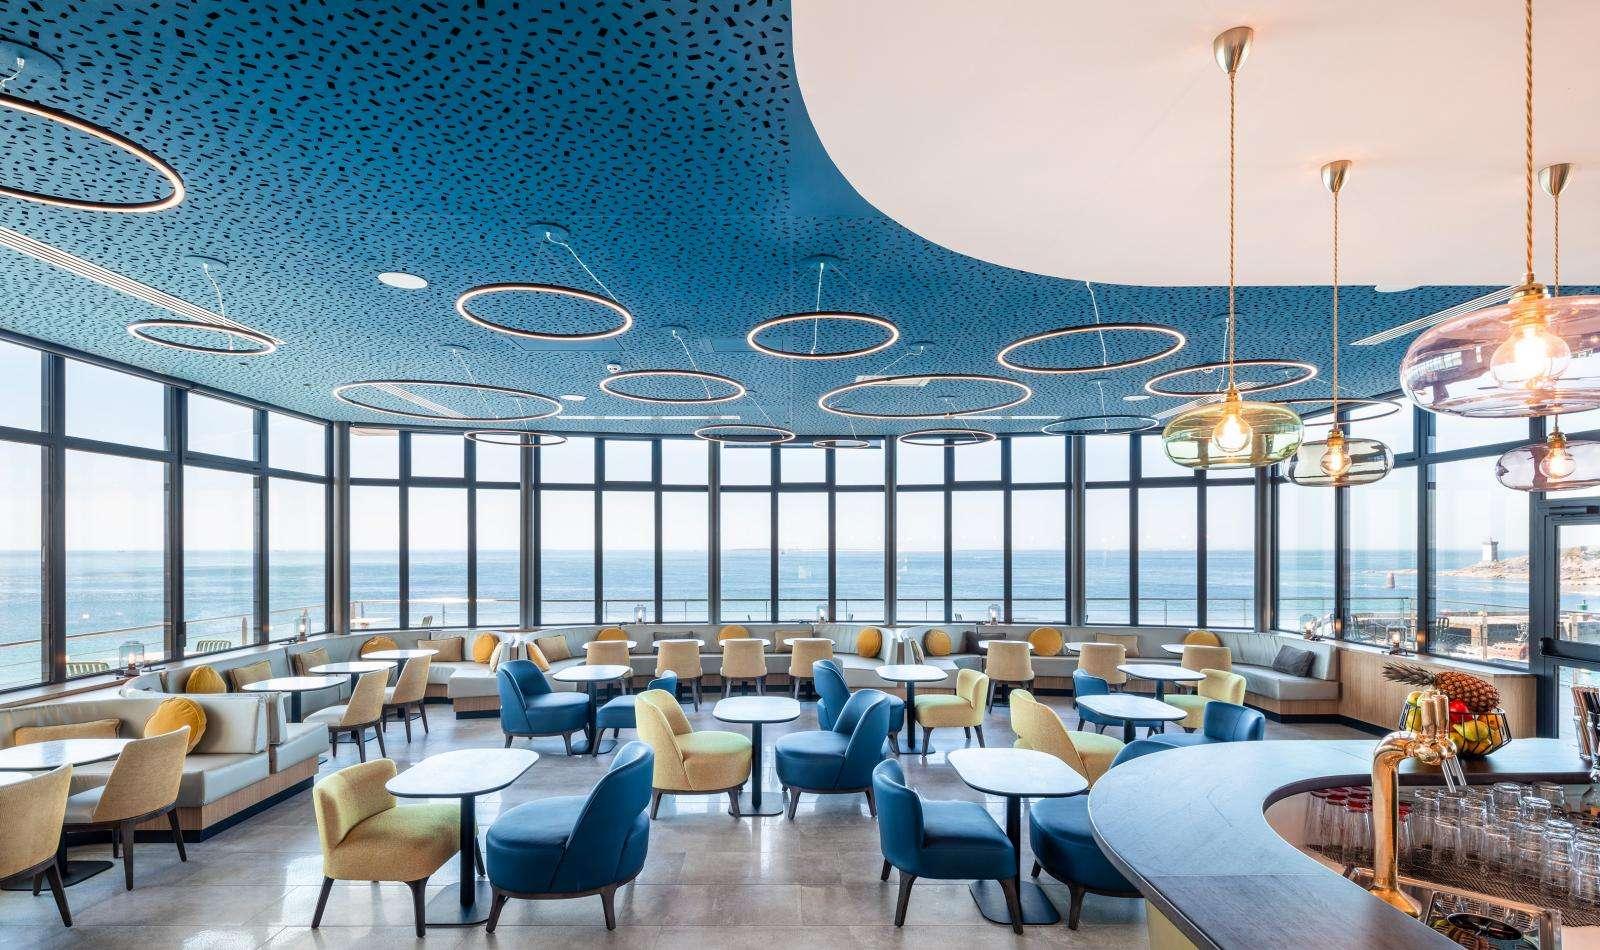 Hôtel Sainte-Barbe - Le Conquet - salle de restaurant vue mer